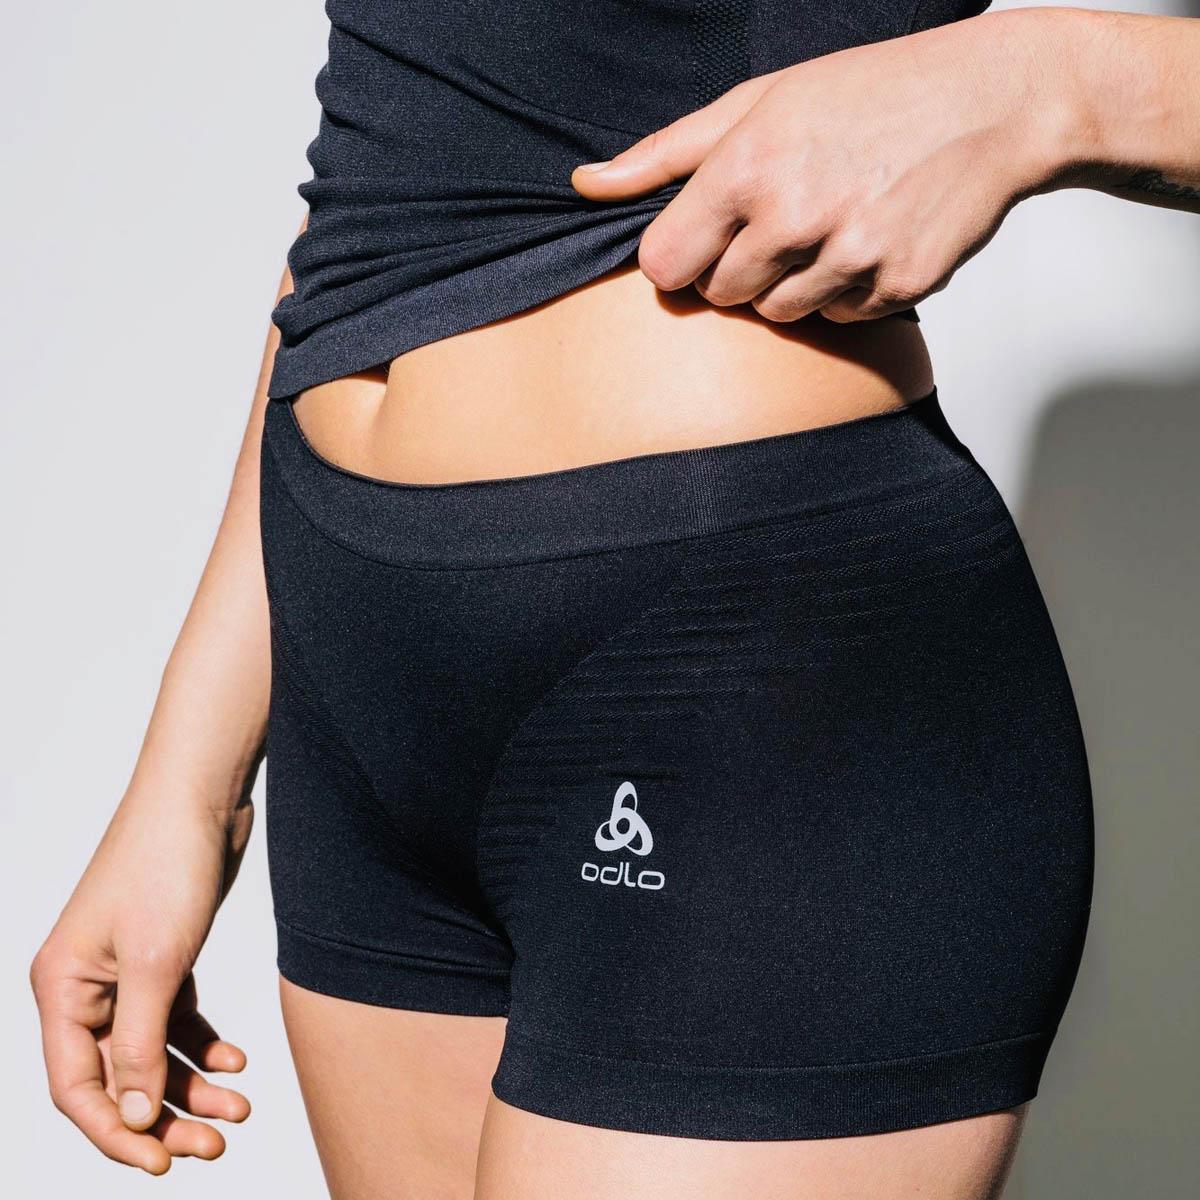 Odlo est notre marque de sous-vêtements préférée